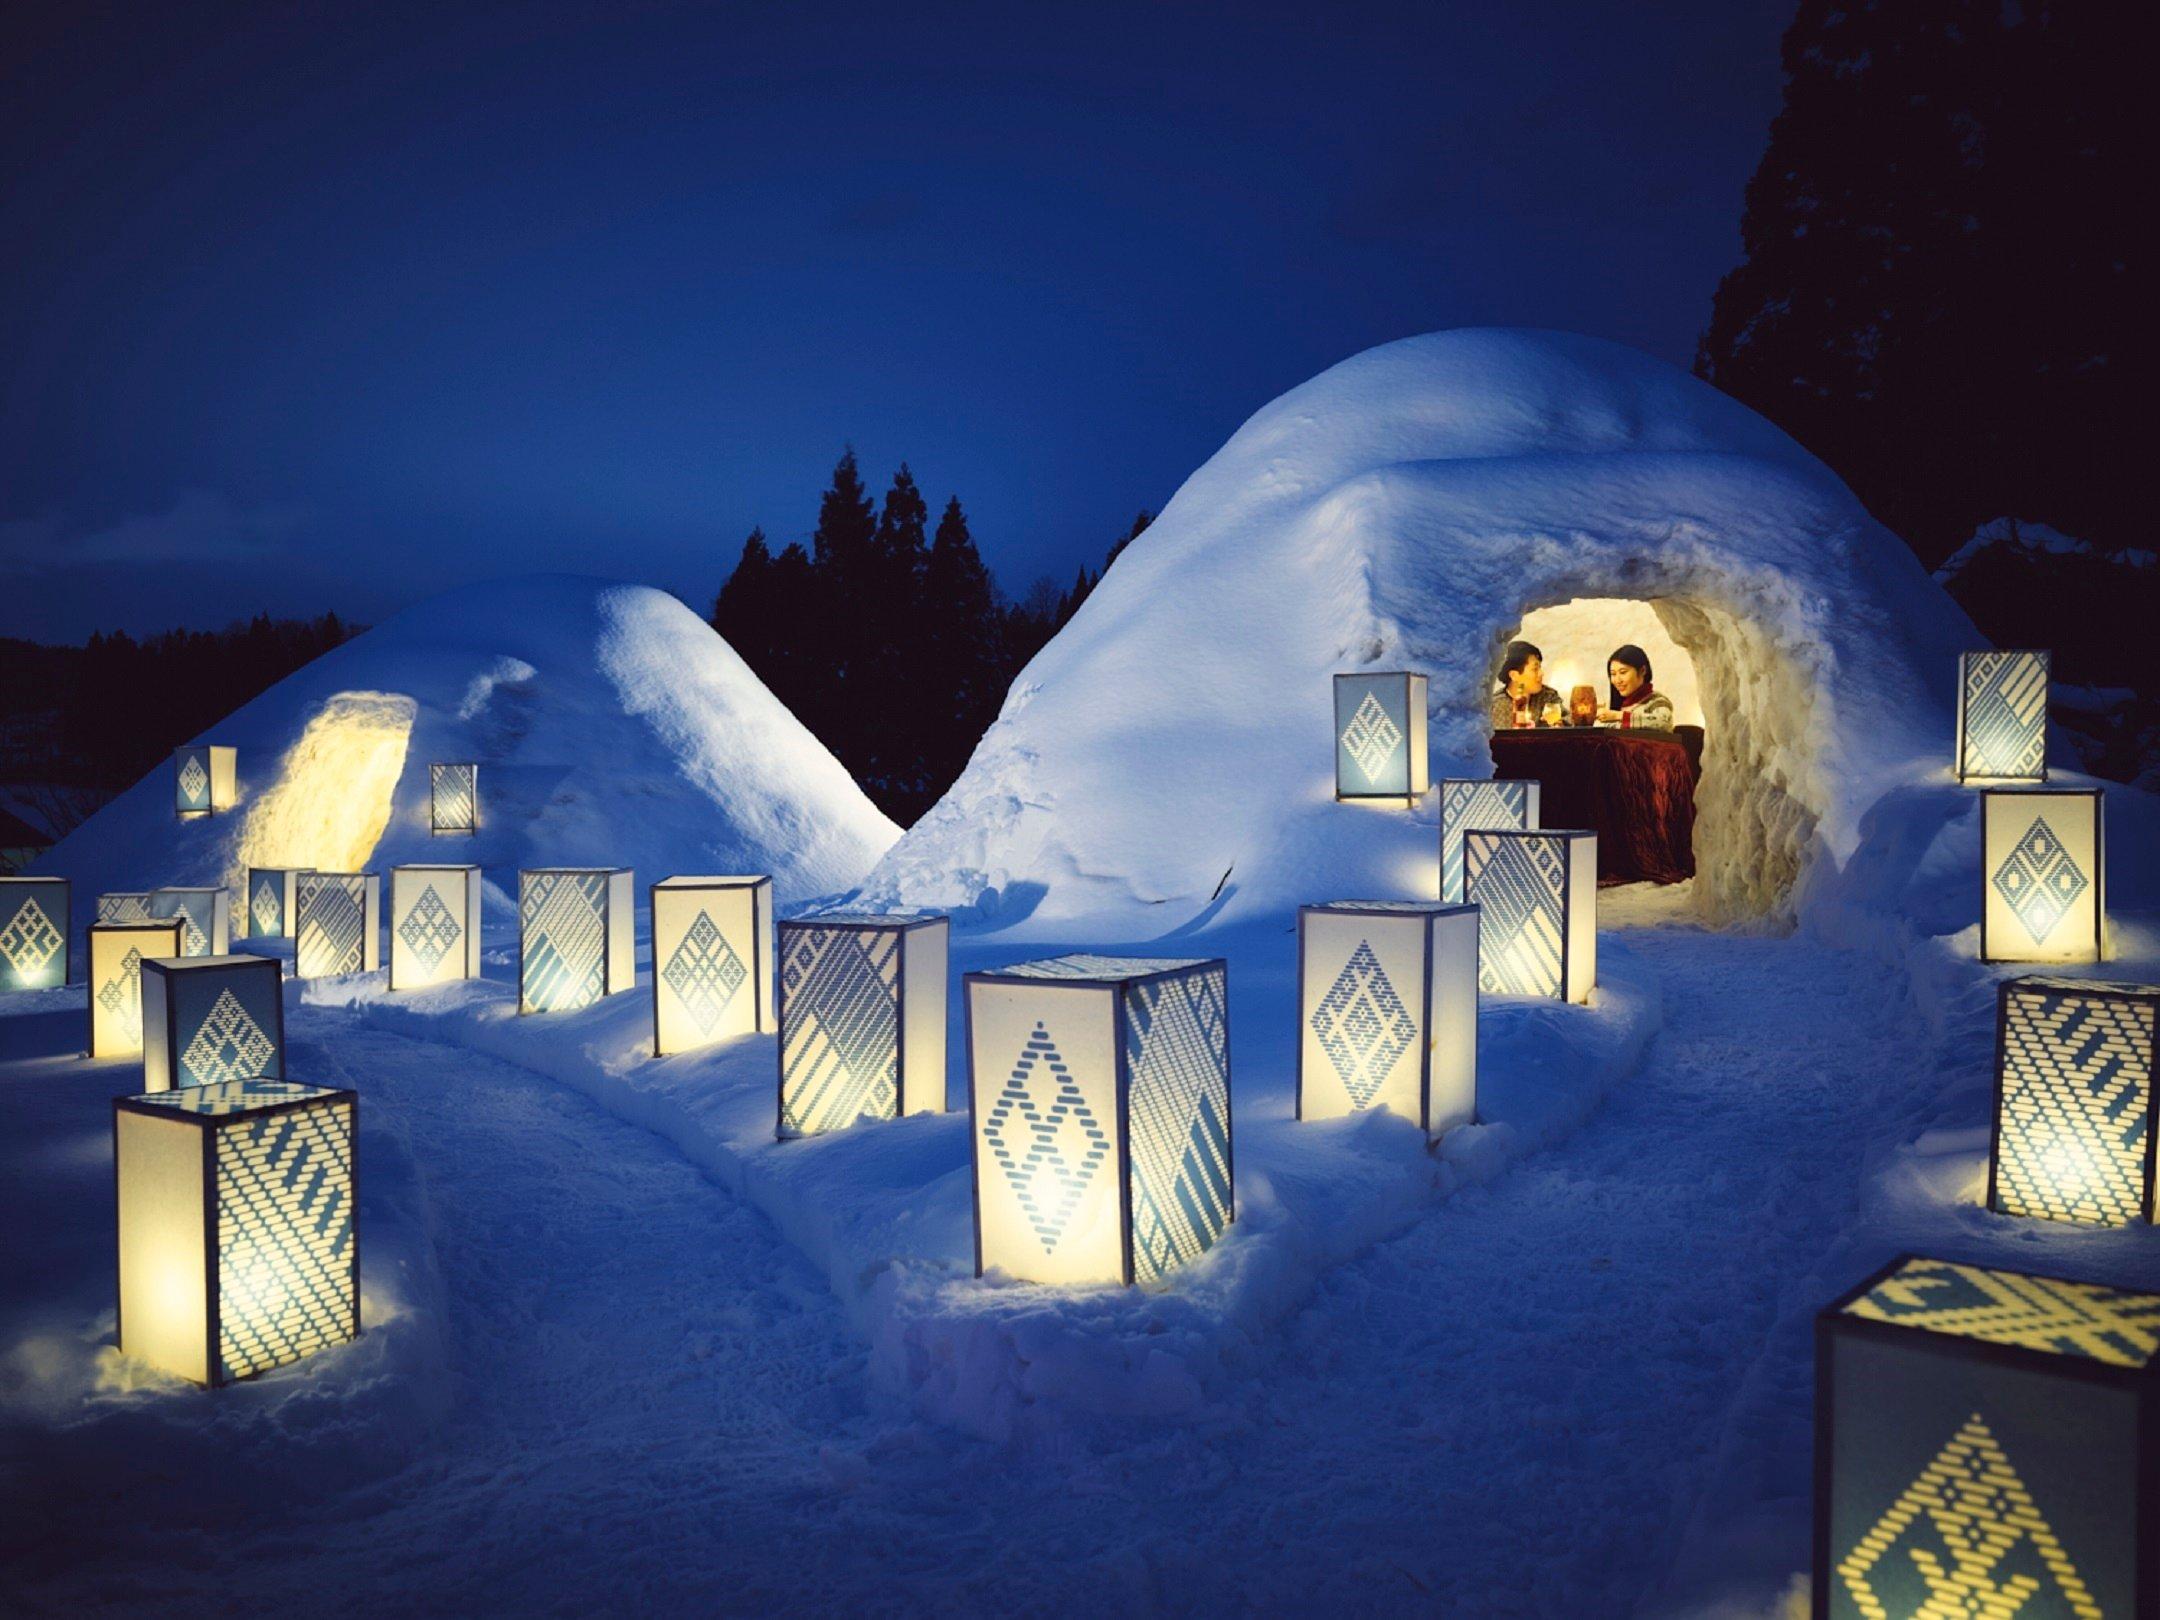 星野集團於界津輕、界阿爾卑斯舉辦「雪洞」開運活動 在長野、在青森、日本旅行、日本觀光、